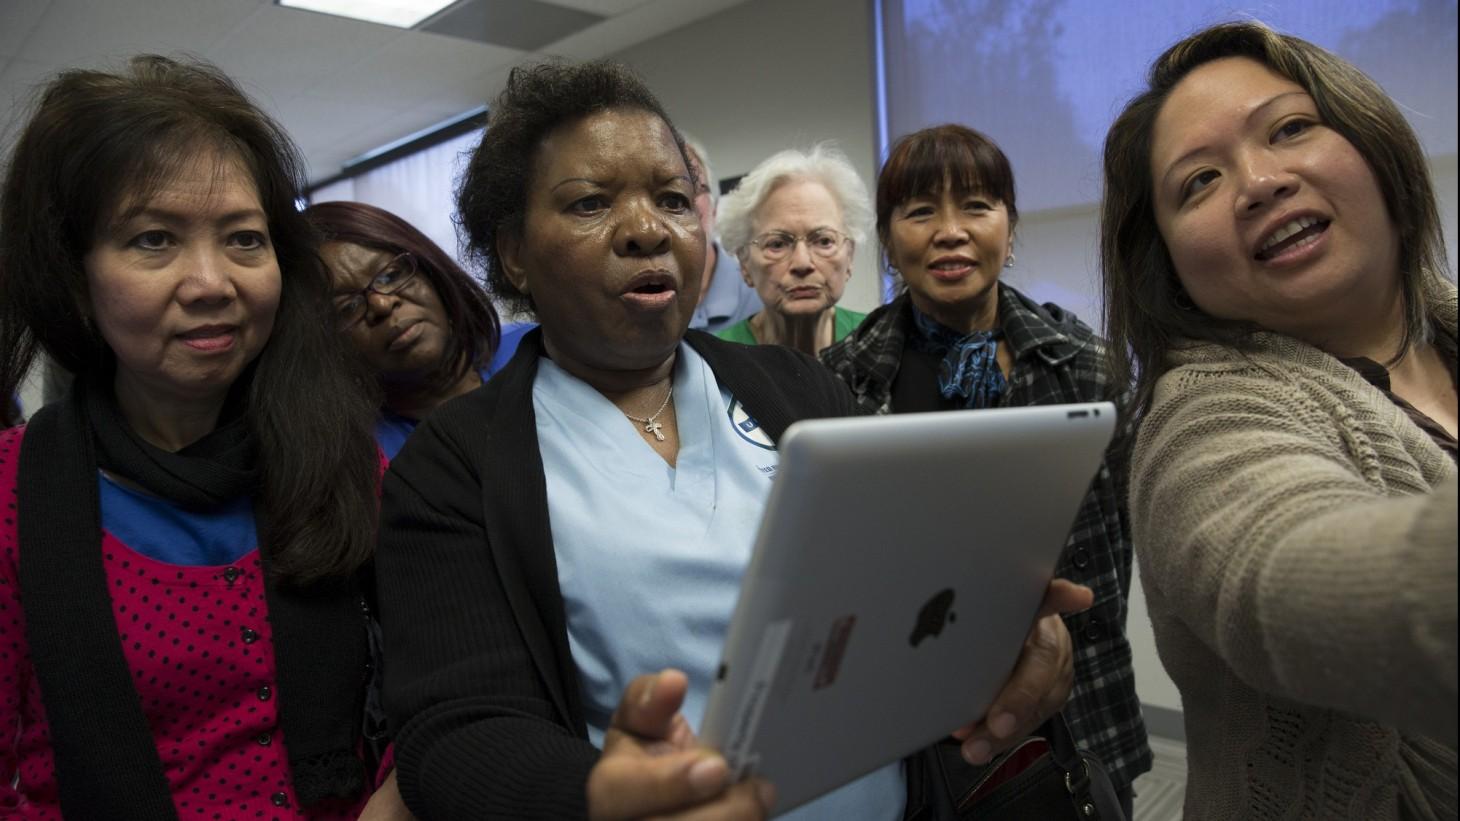 women looking in awe at an iPad